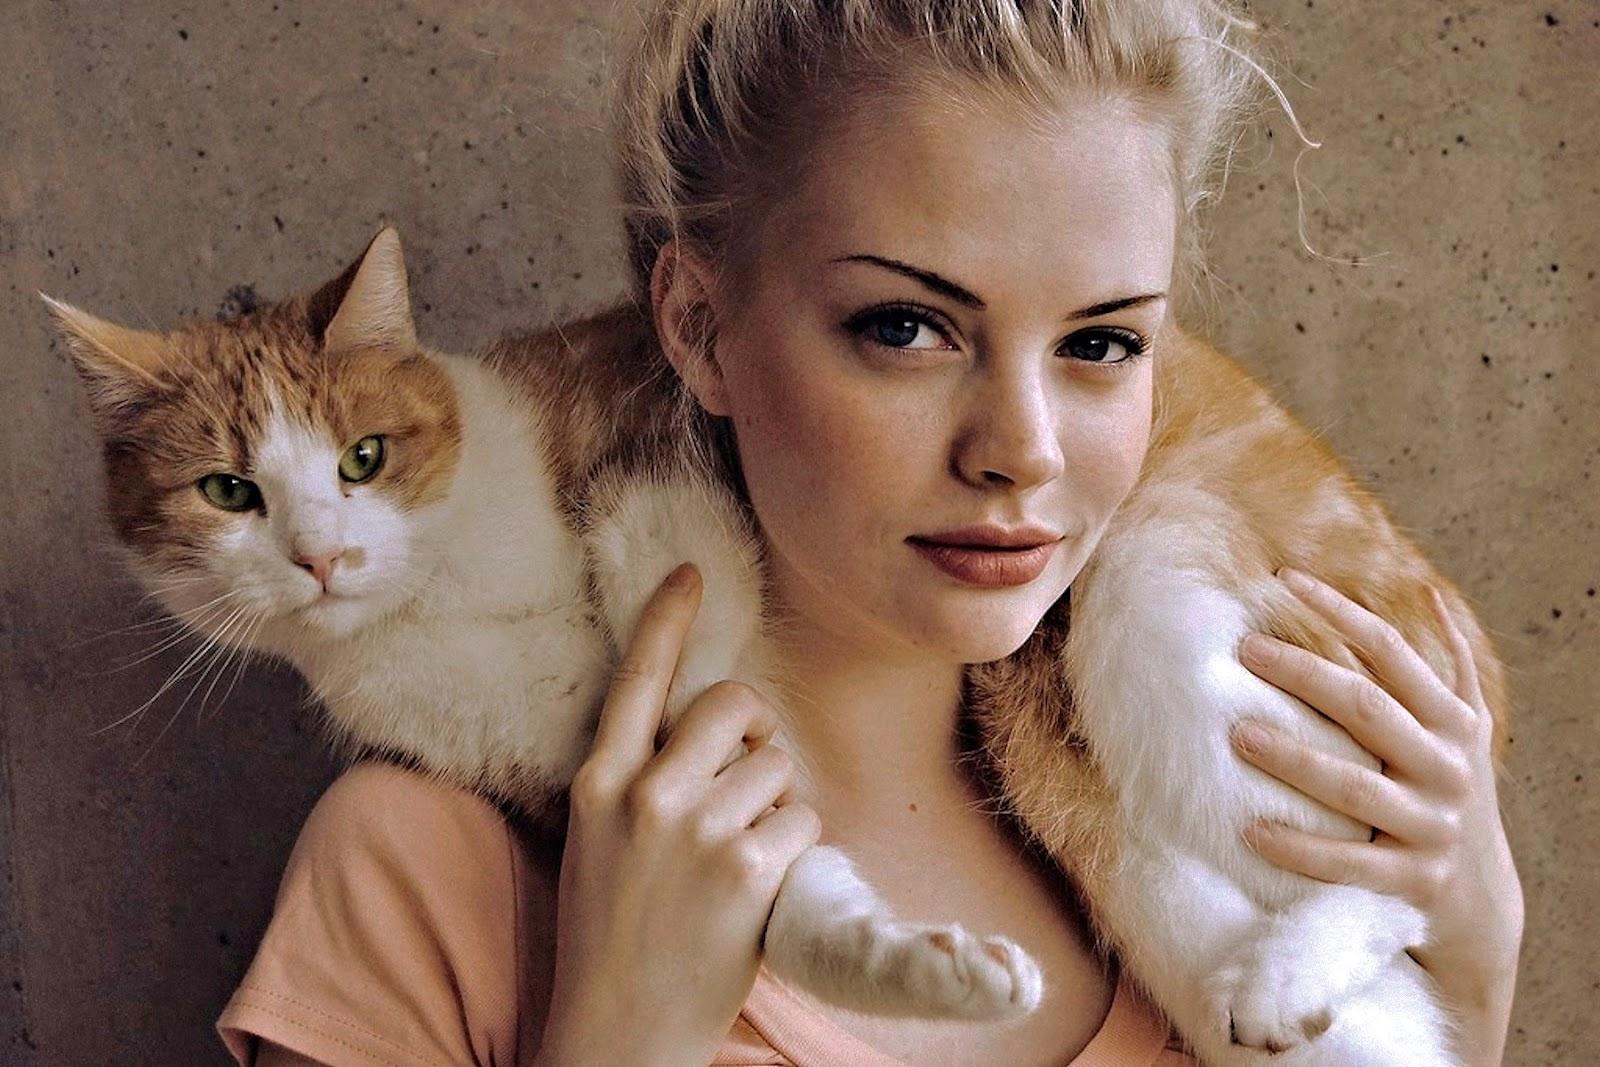 Lebih Suka Pelihara Kucing Daripada Anjing? Berarti Kamu…!?